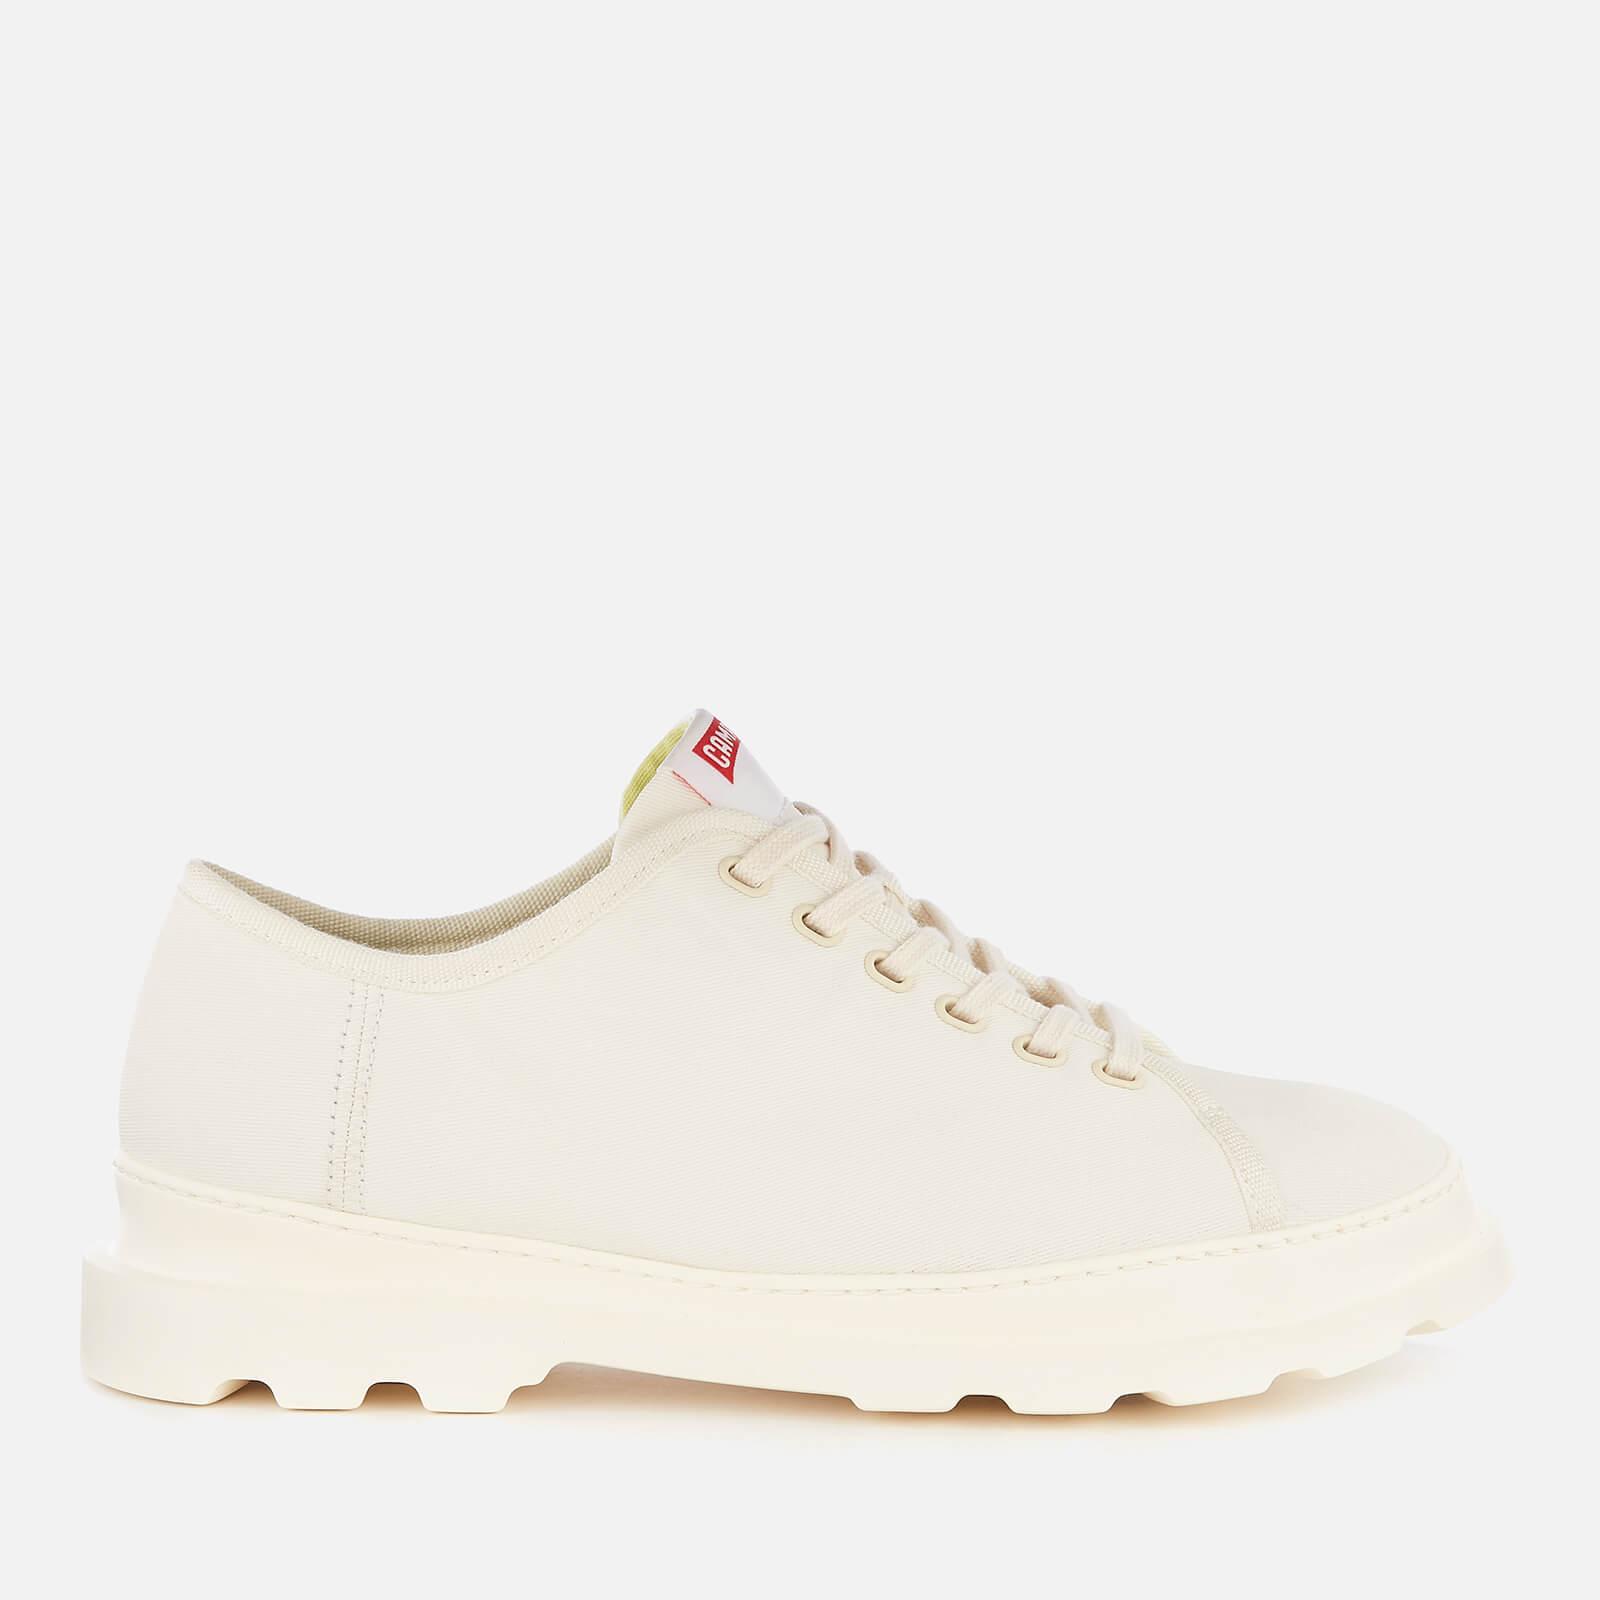 Camper Men's Brutus Canvas Shoes - Light Beige - UK 11 - Beige